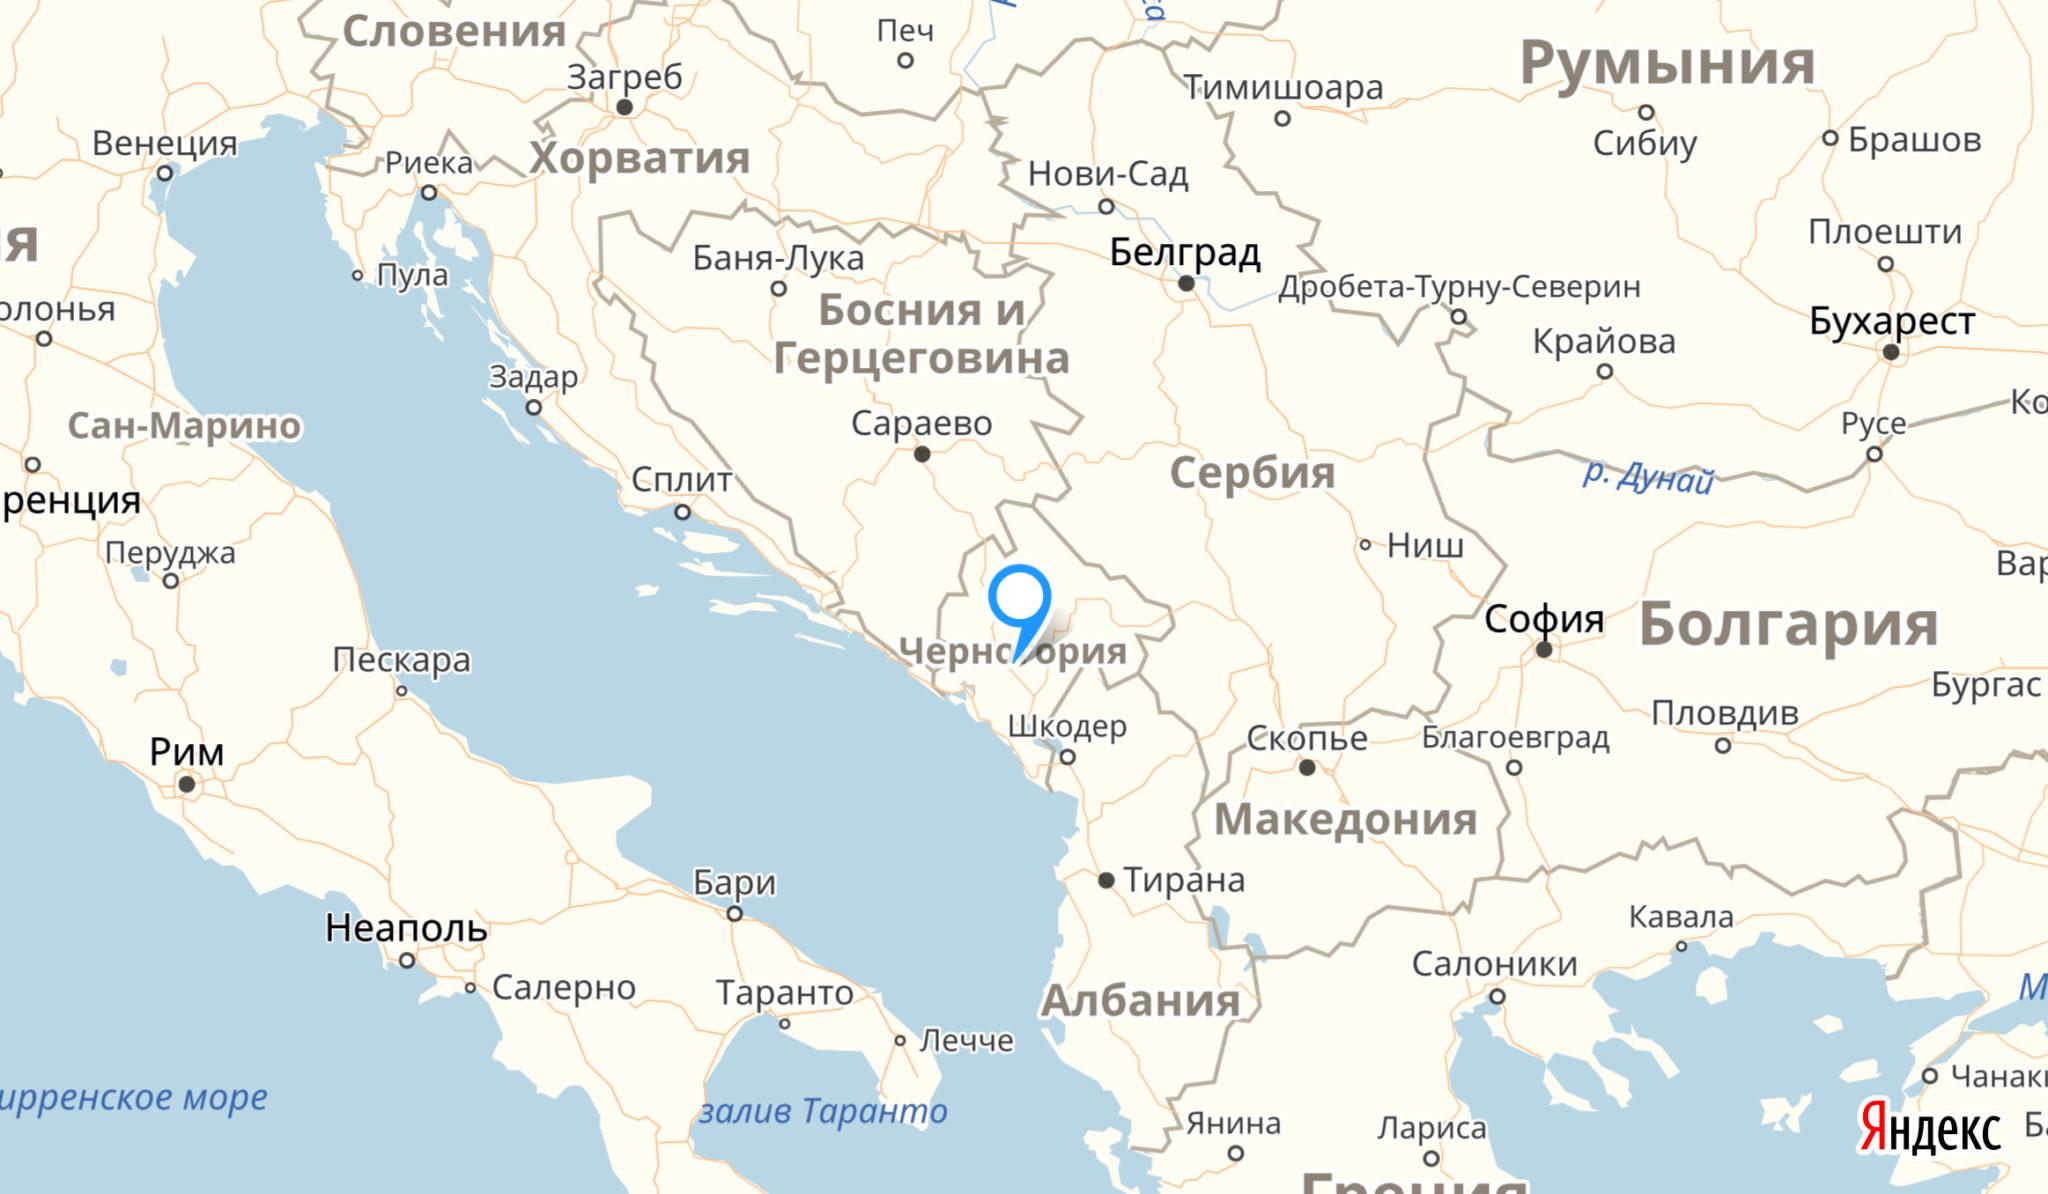 Черногория_11-03-2019_09-51-11